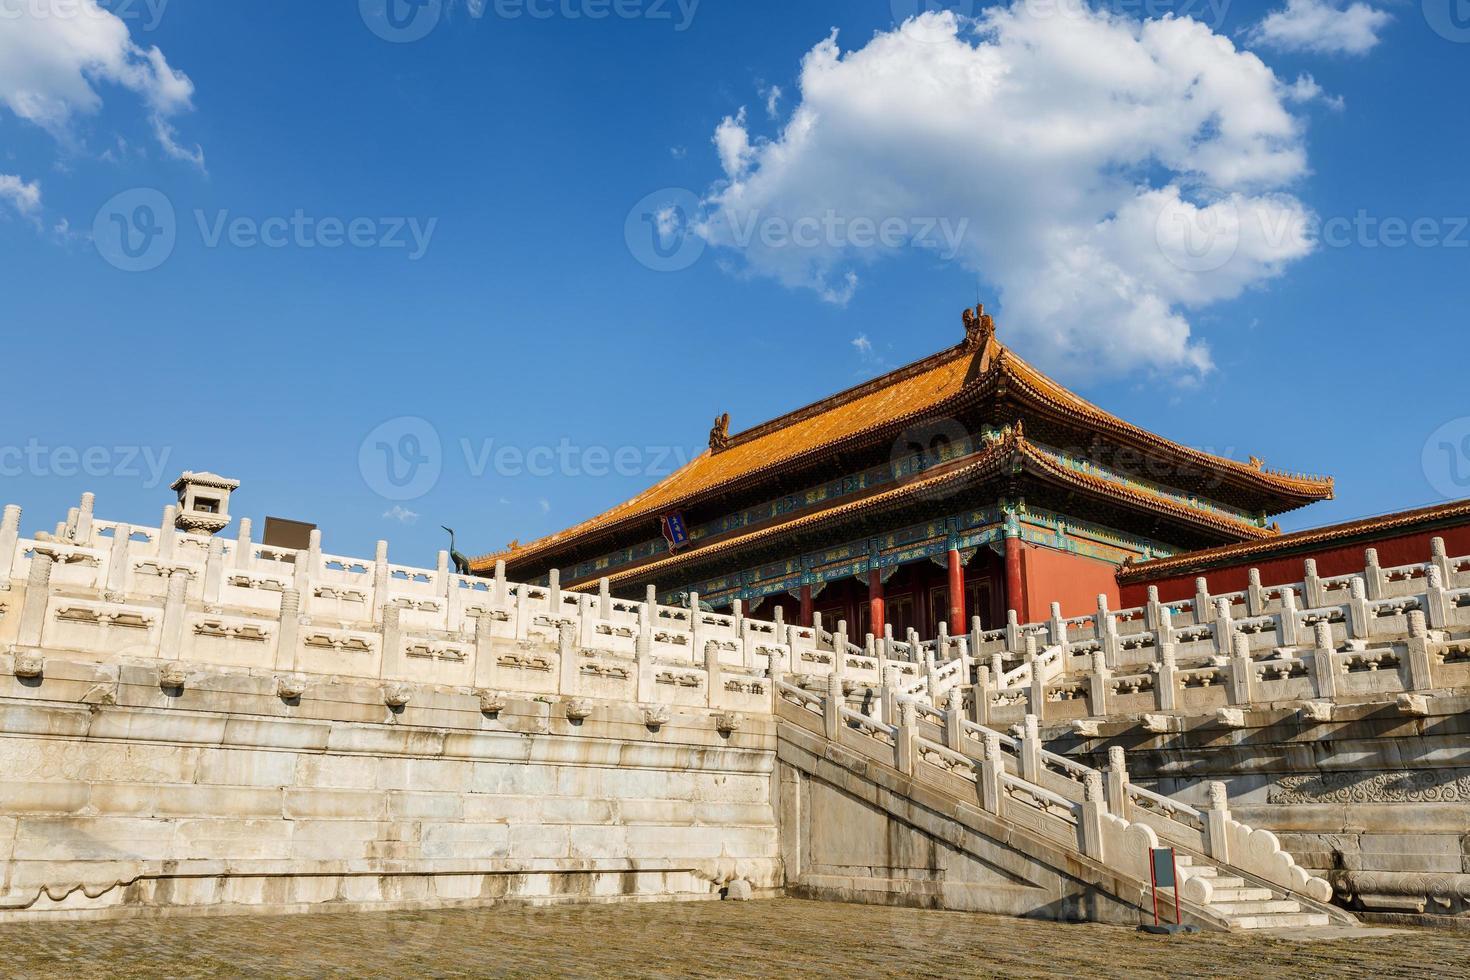 Die königlichen Paläste der verbotenen Stadt in Peking, China foto